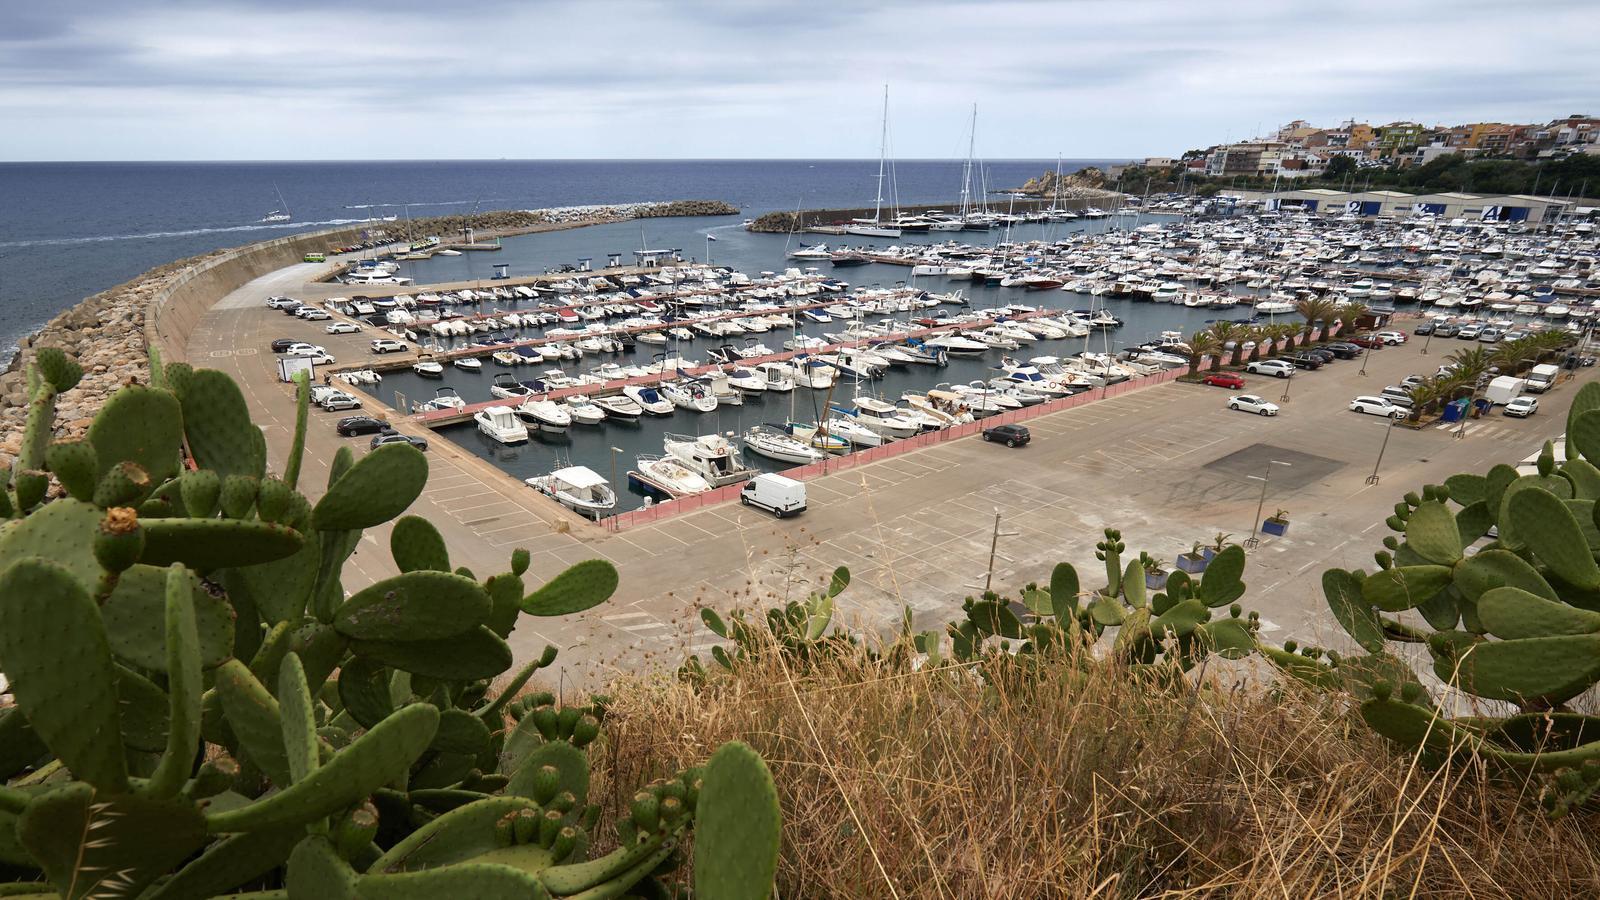 Vista general del Port de Palamós